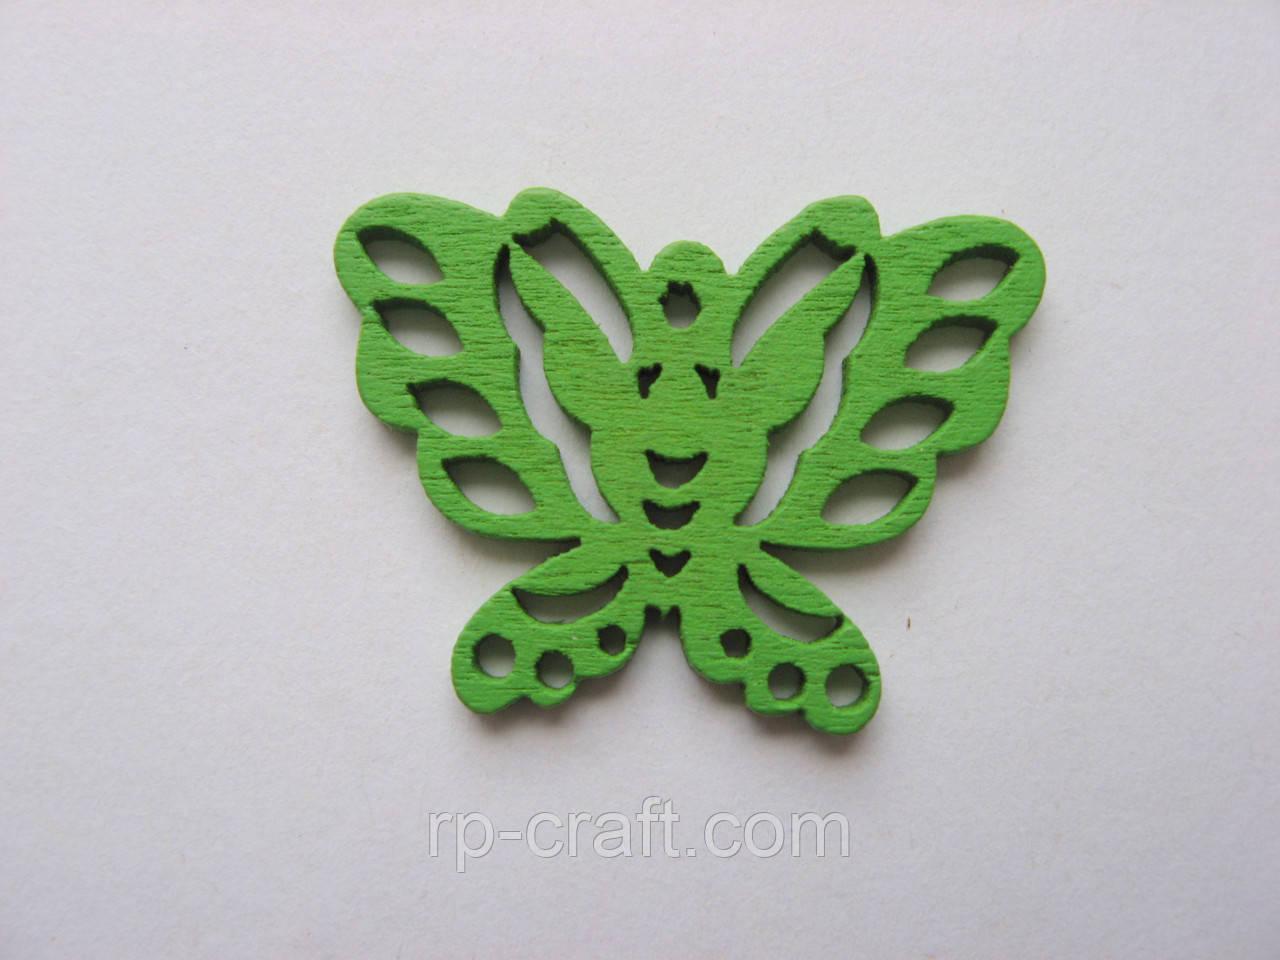 Підвіска дерев'яна. Метелик зелена